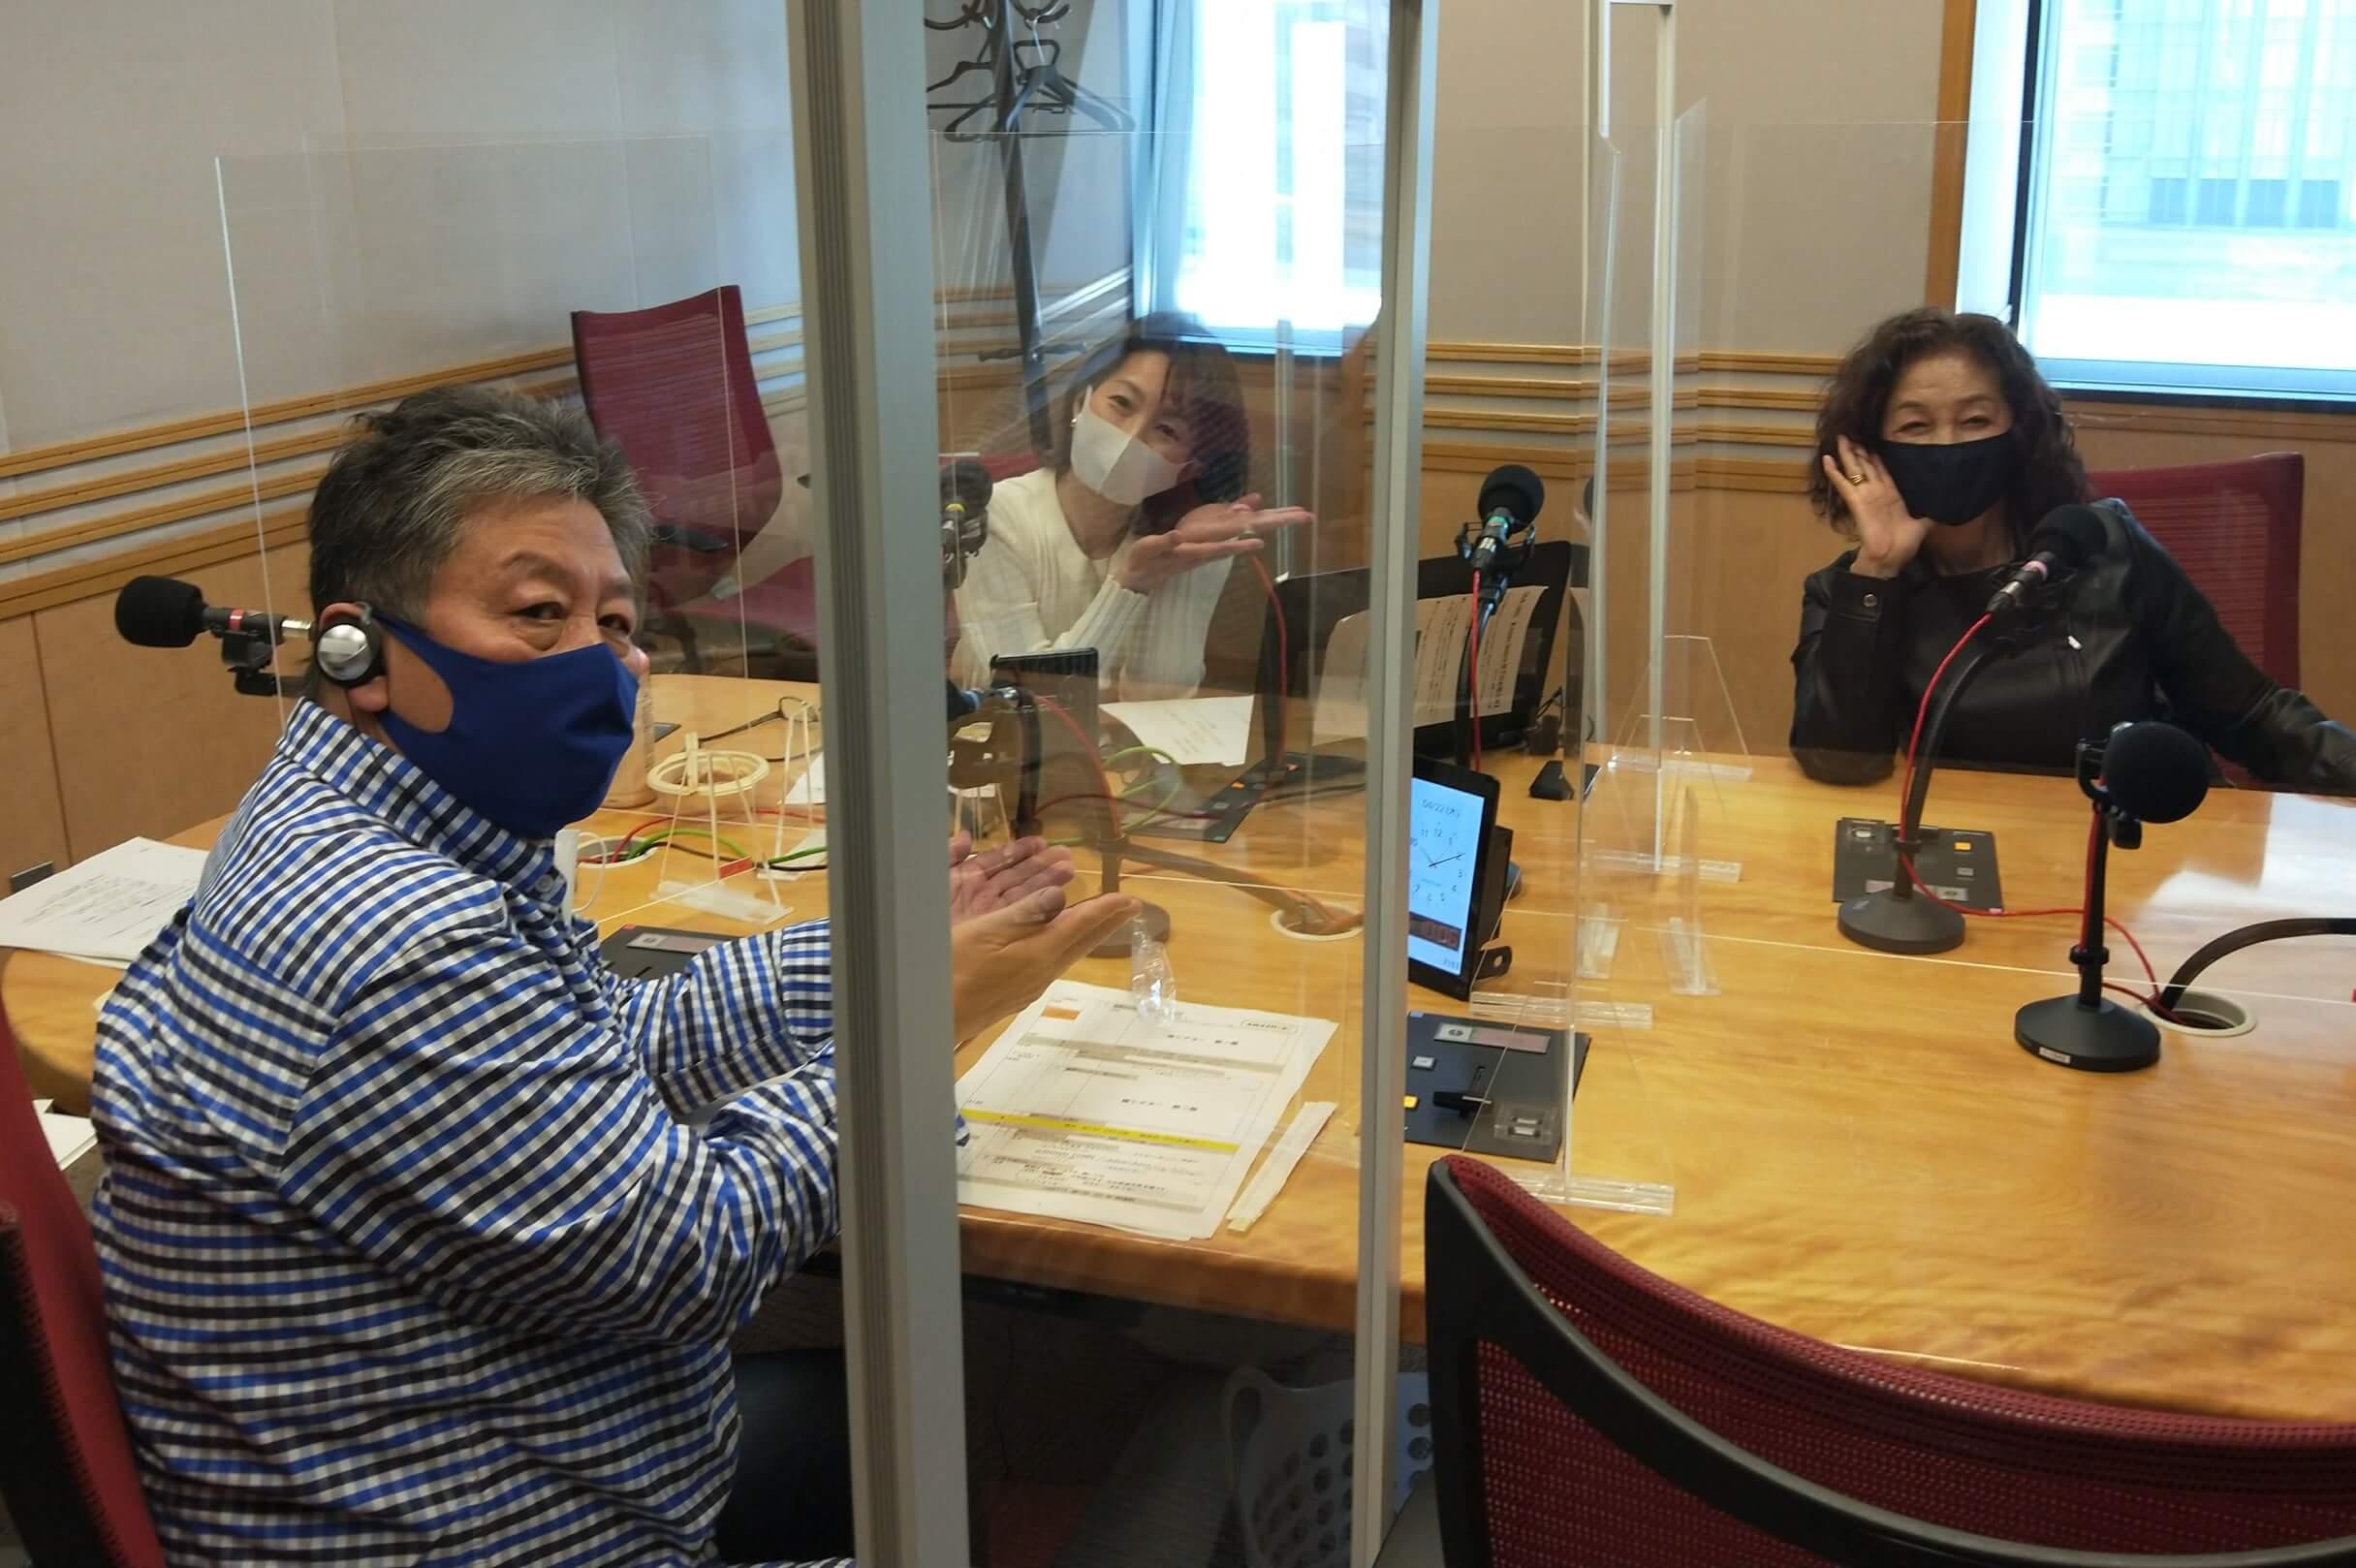 『くにまるジャパン極・極シアター』4月22日(木)のお客様:児島美ゆき さん、小柳ルミ子さん